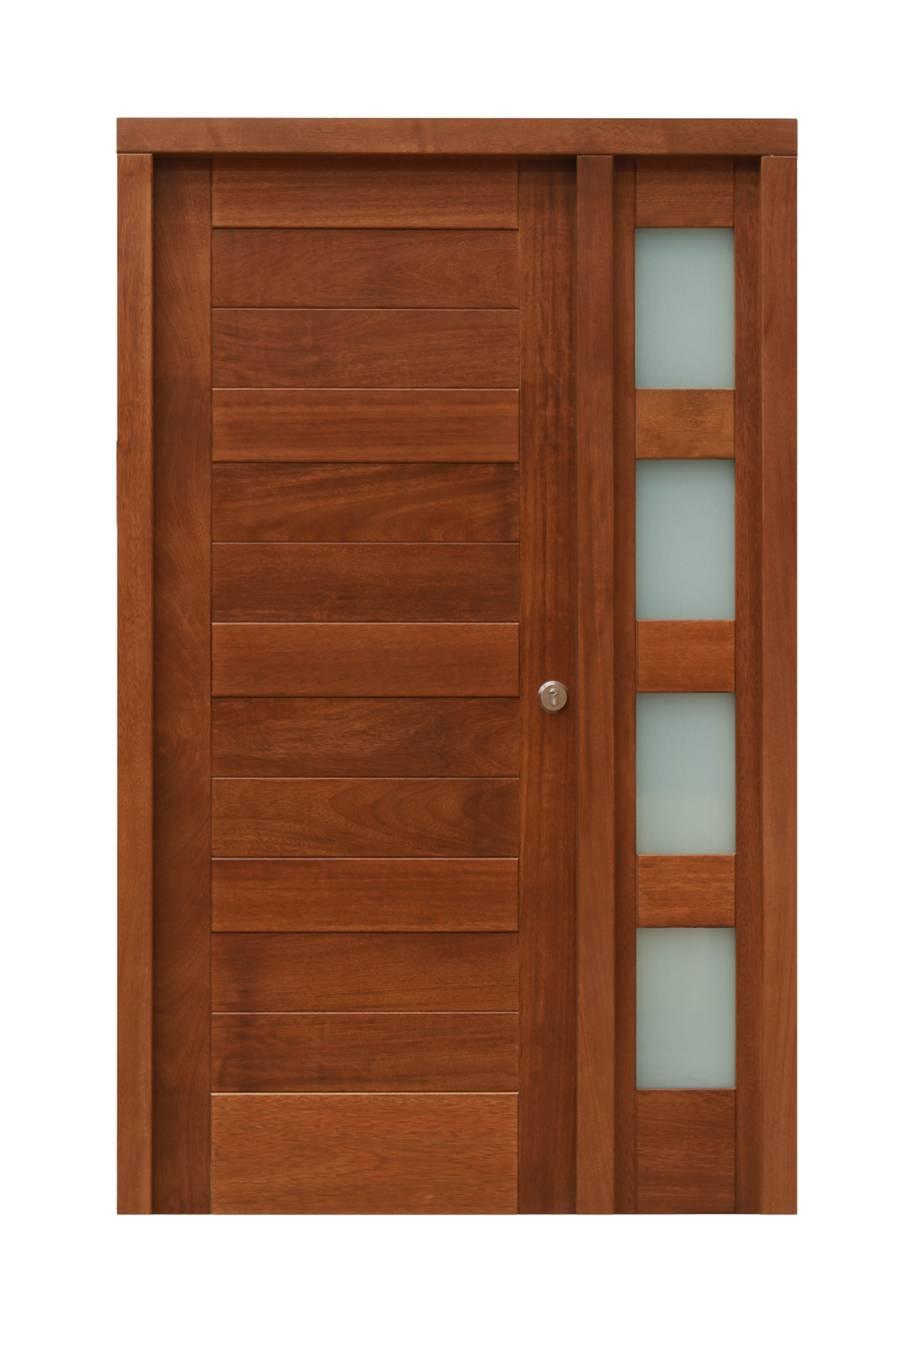 3938 m3 210x130 - Puertas internas de madera ...